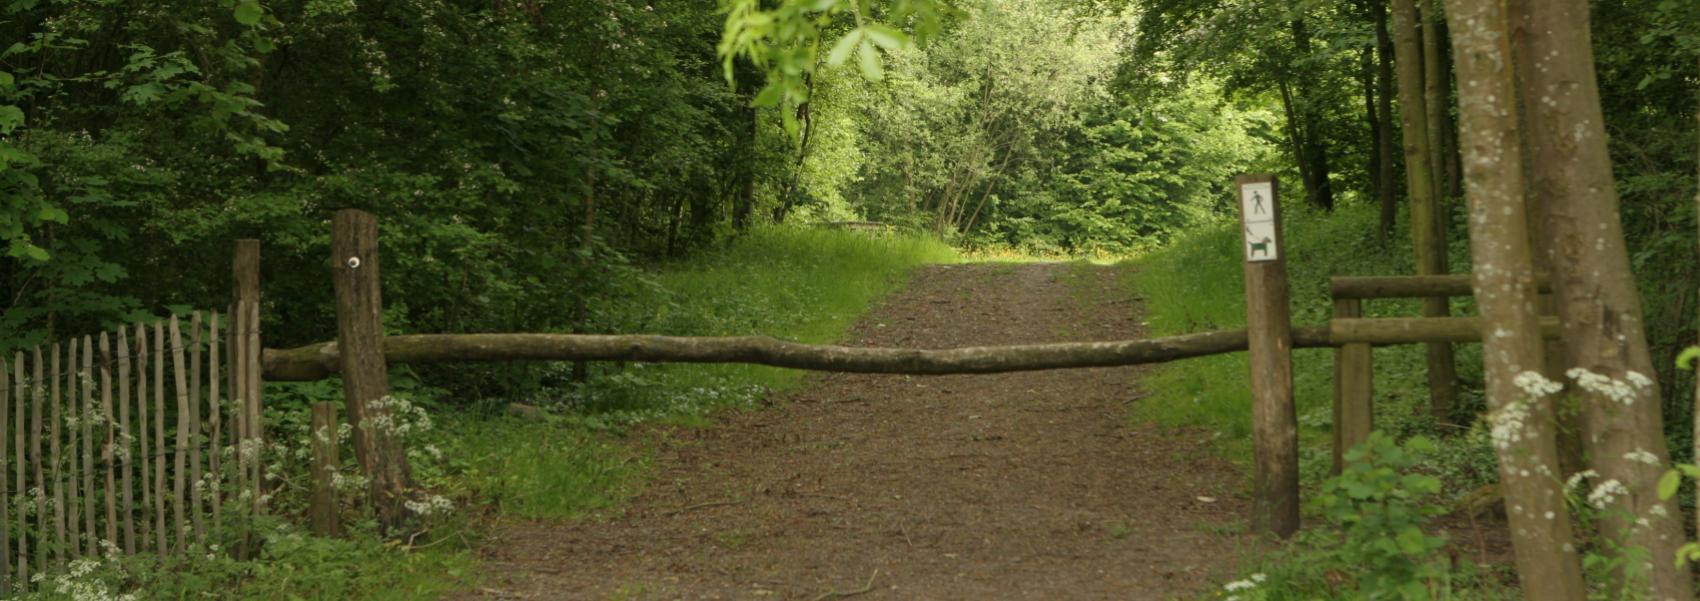 een dreef in het bos